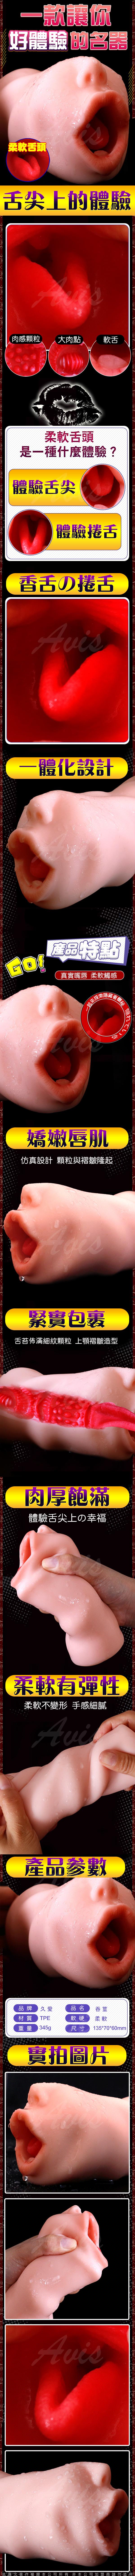 吞莖名器 深喉 仿口交款 抽插快感口爆自慰器 附60ml潤滑液